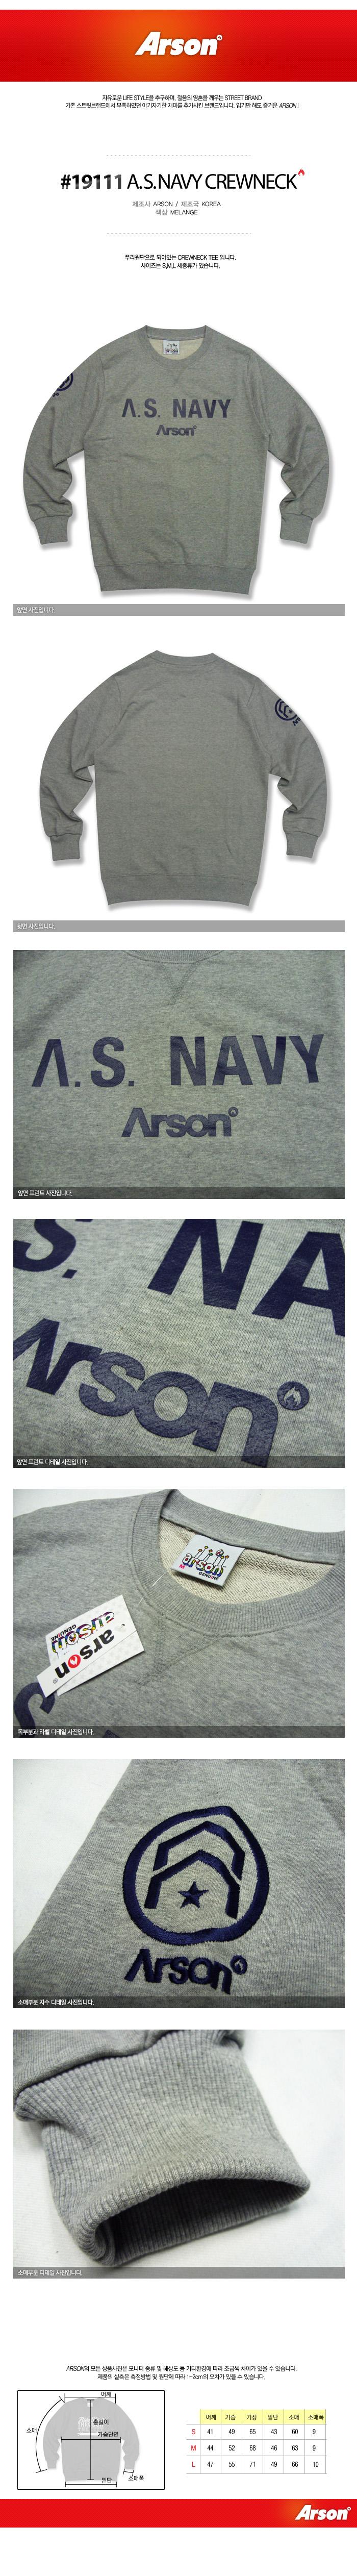 [ ARSON ] [ARSON] 19111 A.S. NAVY CREW NECK (Melange)